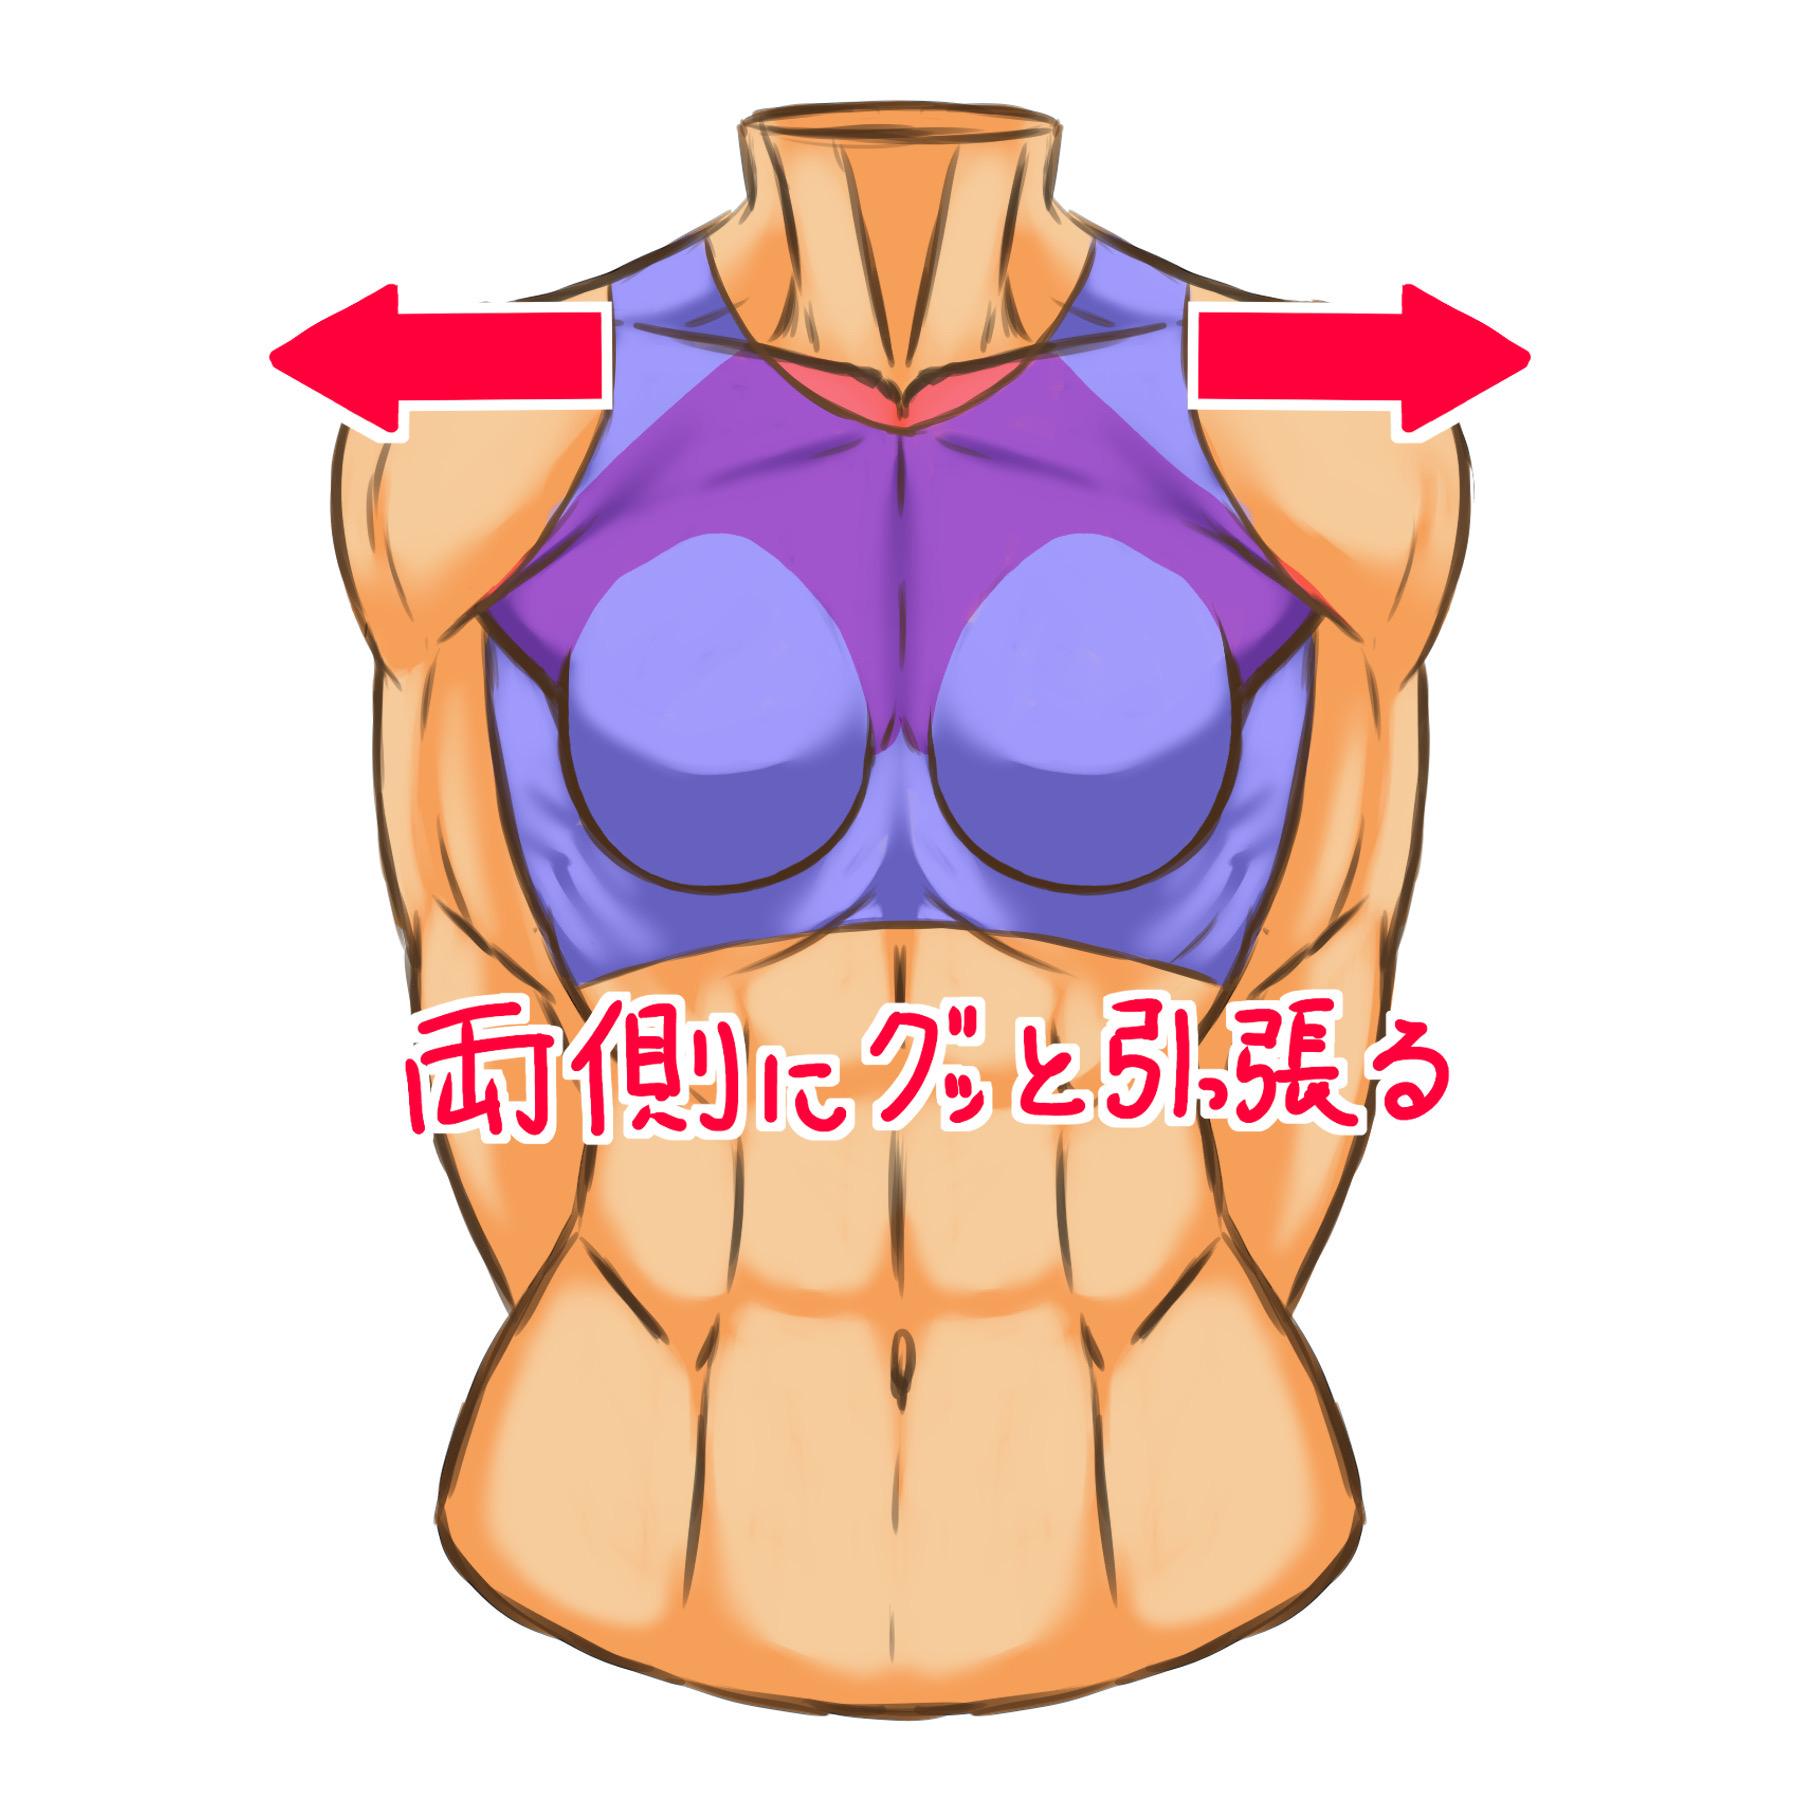 腕を後ろに下げると大胸筋もそちら側に引っ張られます。大胸筋が伸びるのを意識して描くと良いです。主に大胸筋上部と中部の筋肉が作用する動作です。